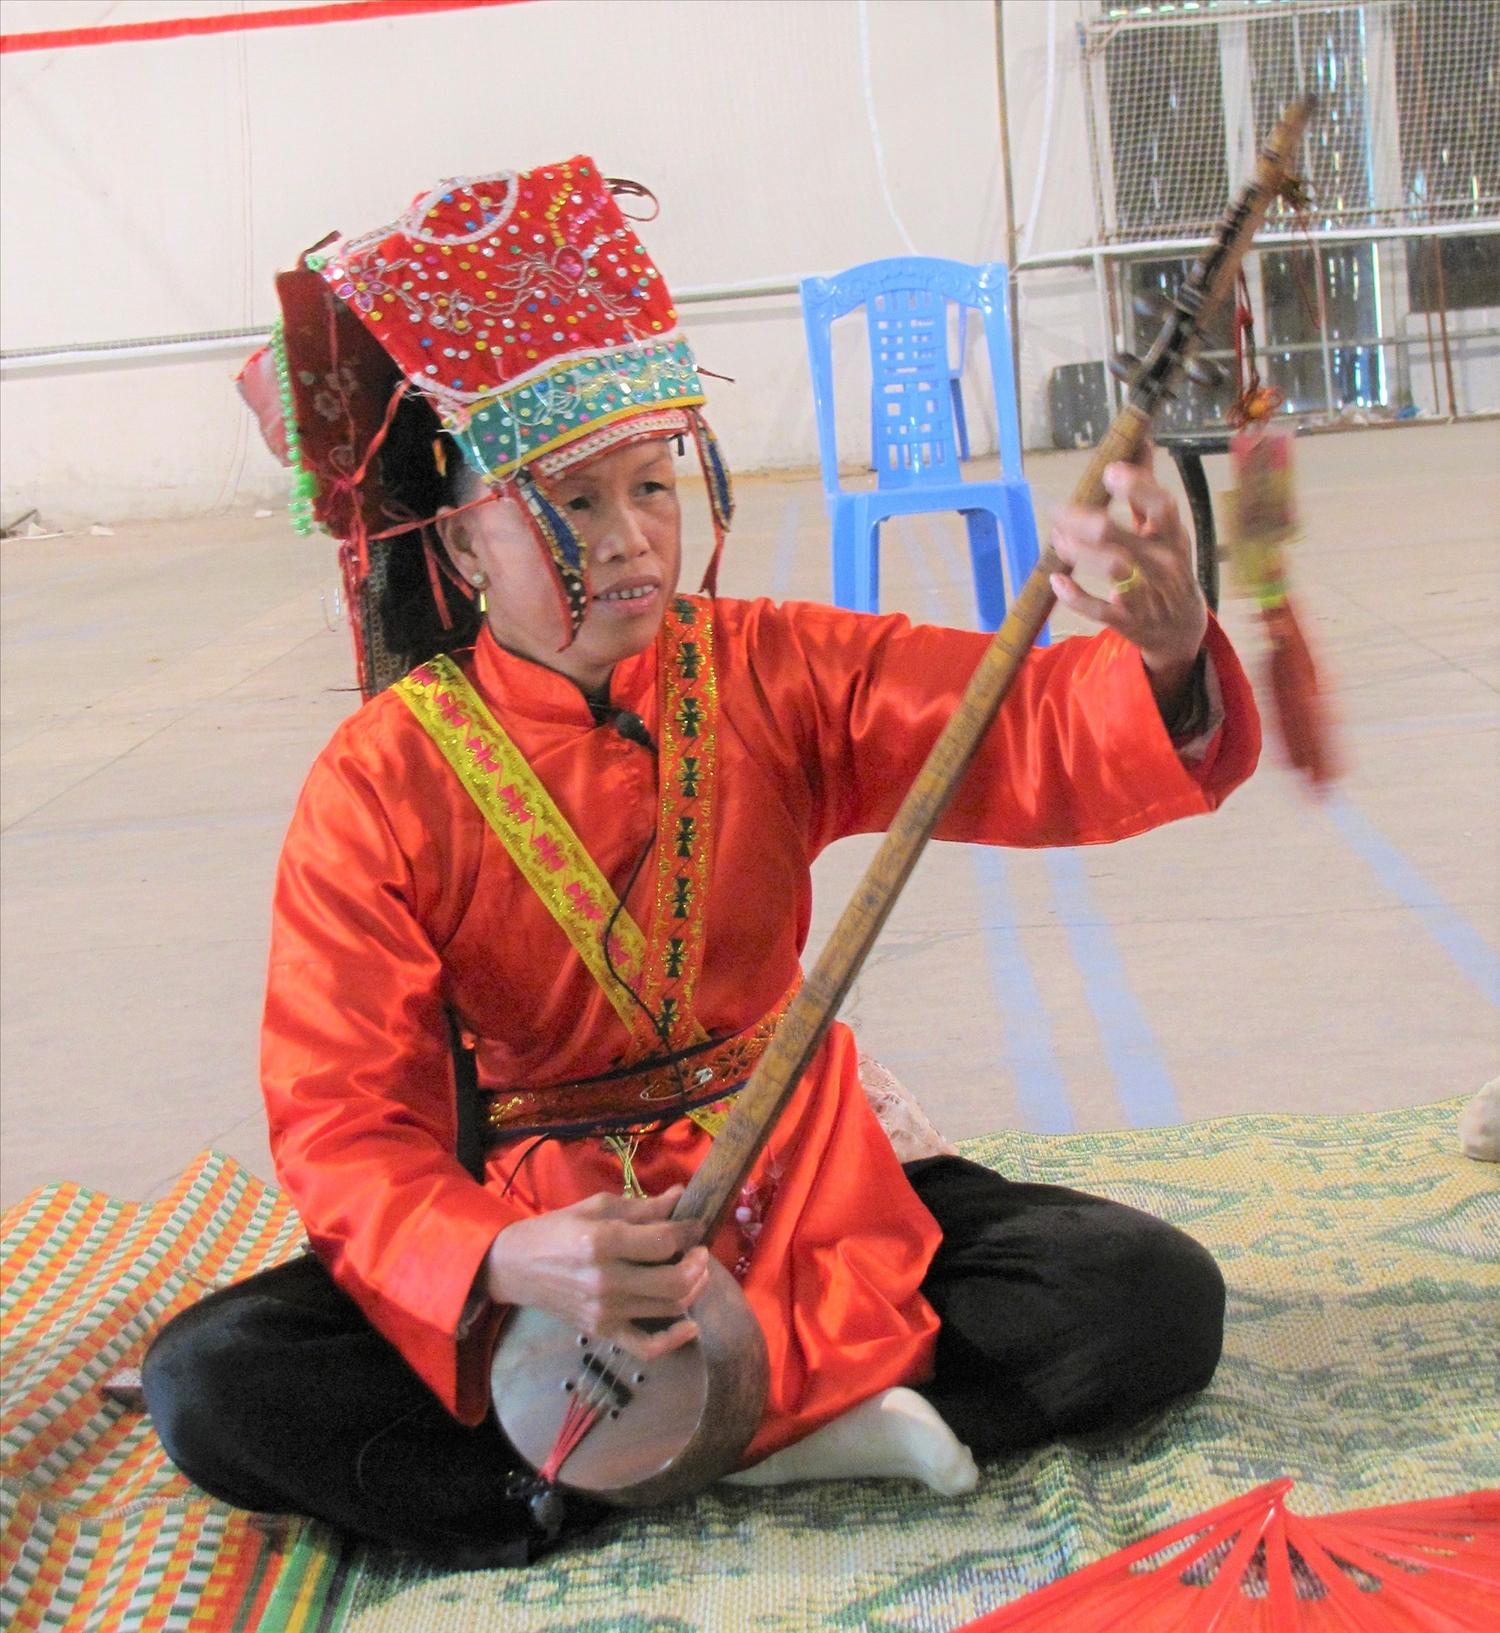 Nghệ nhân Ưu tú Chu Thị Hồng Vân, thôn Hố Cao, xã Hương Sơn huyện Lạng Giang thực hành nghi lễ then.